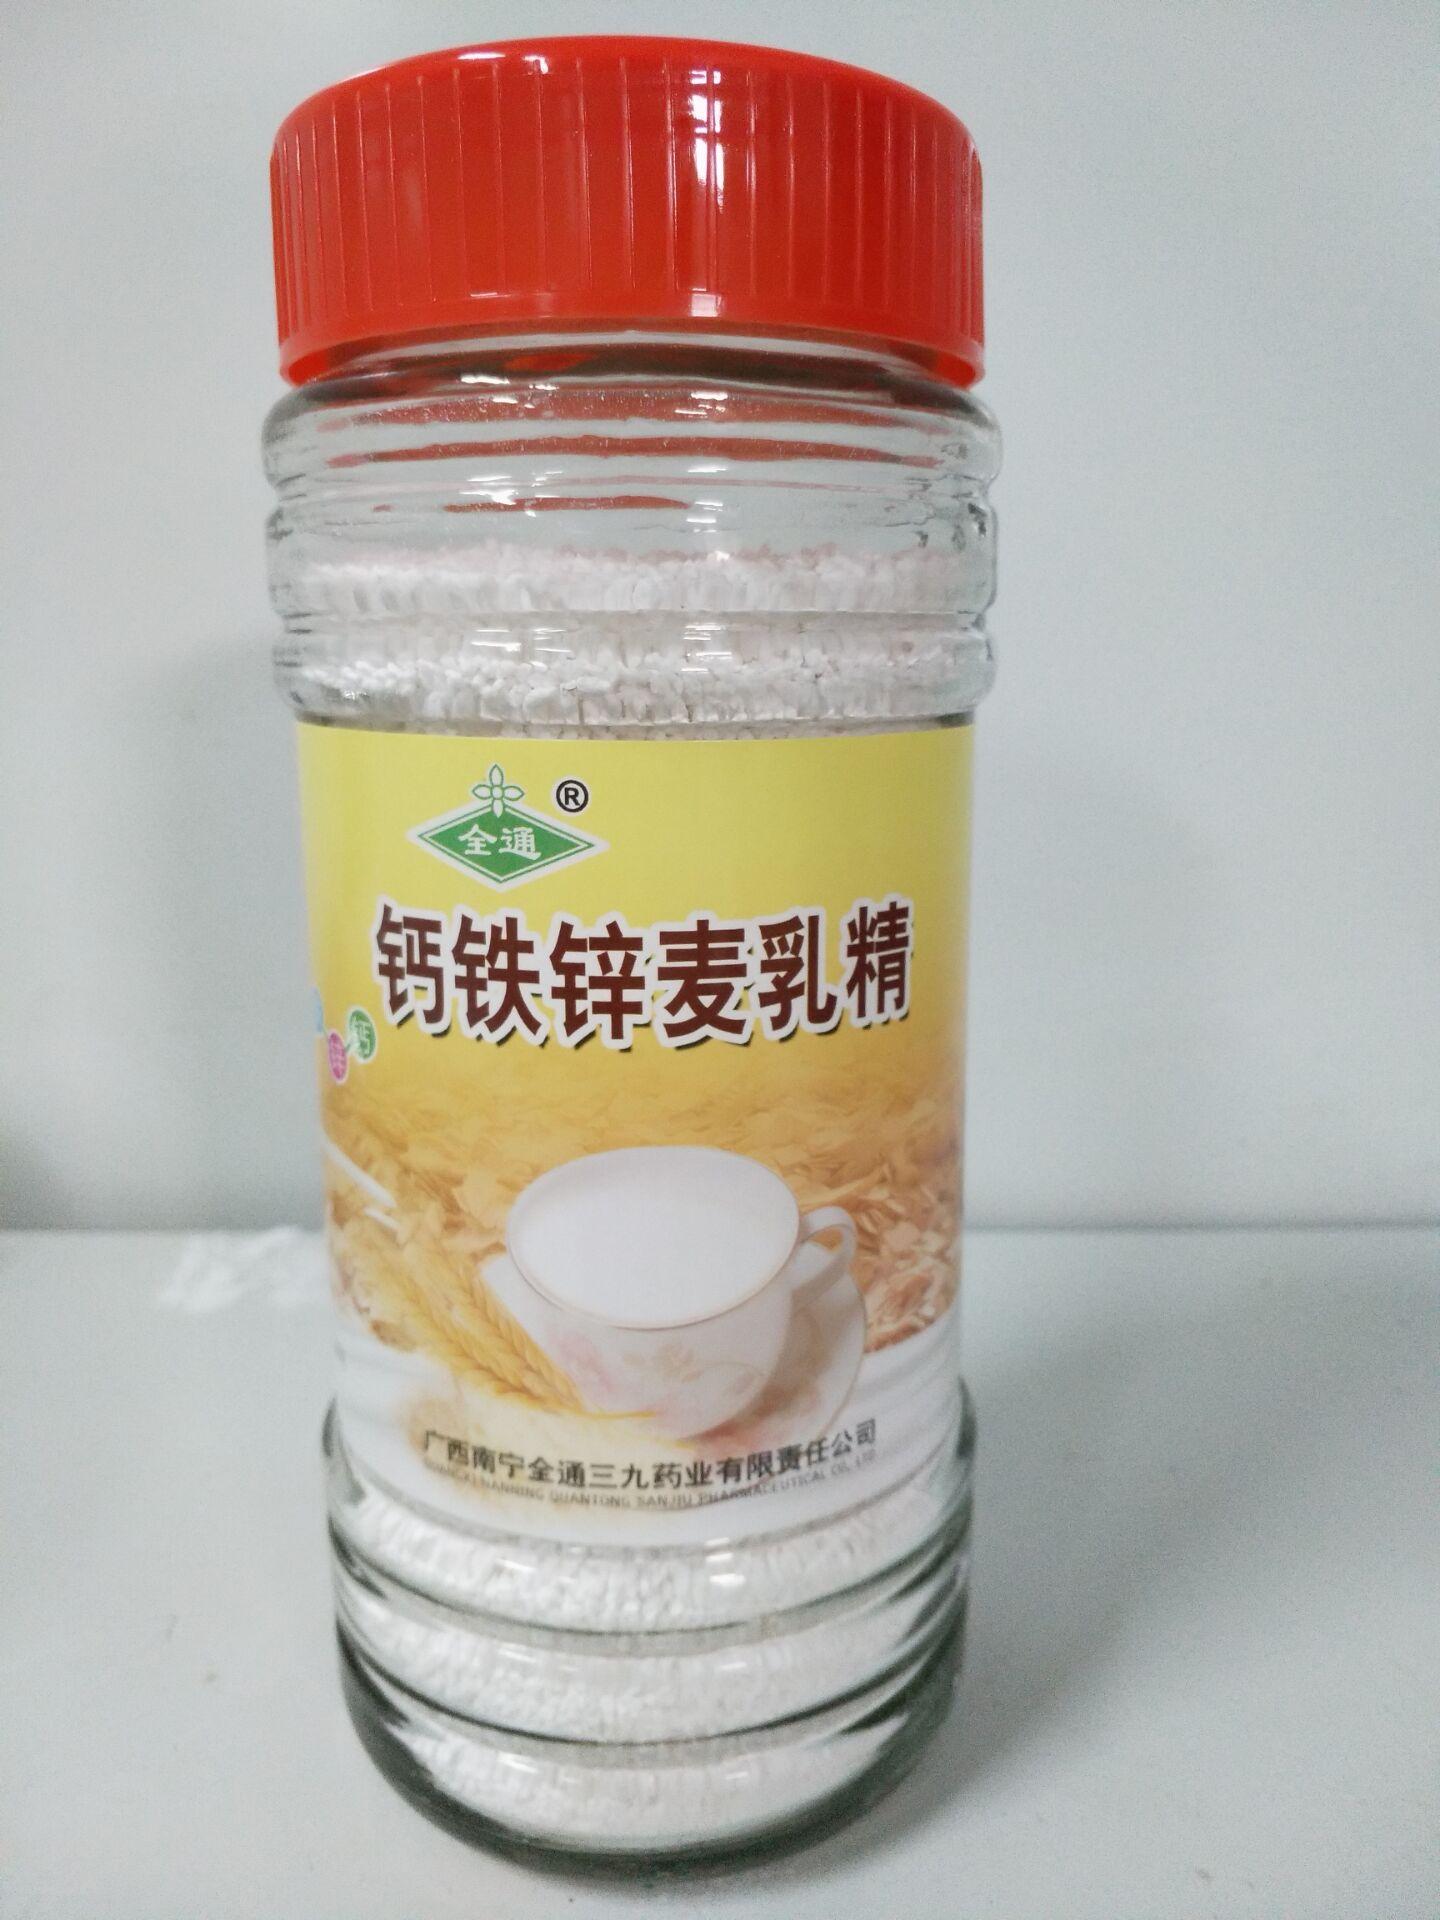 鈣鐵鋅麥乳精